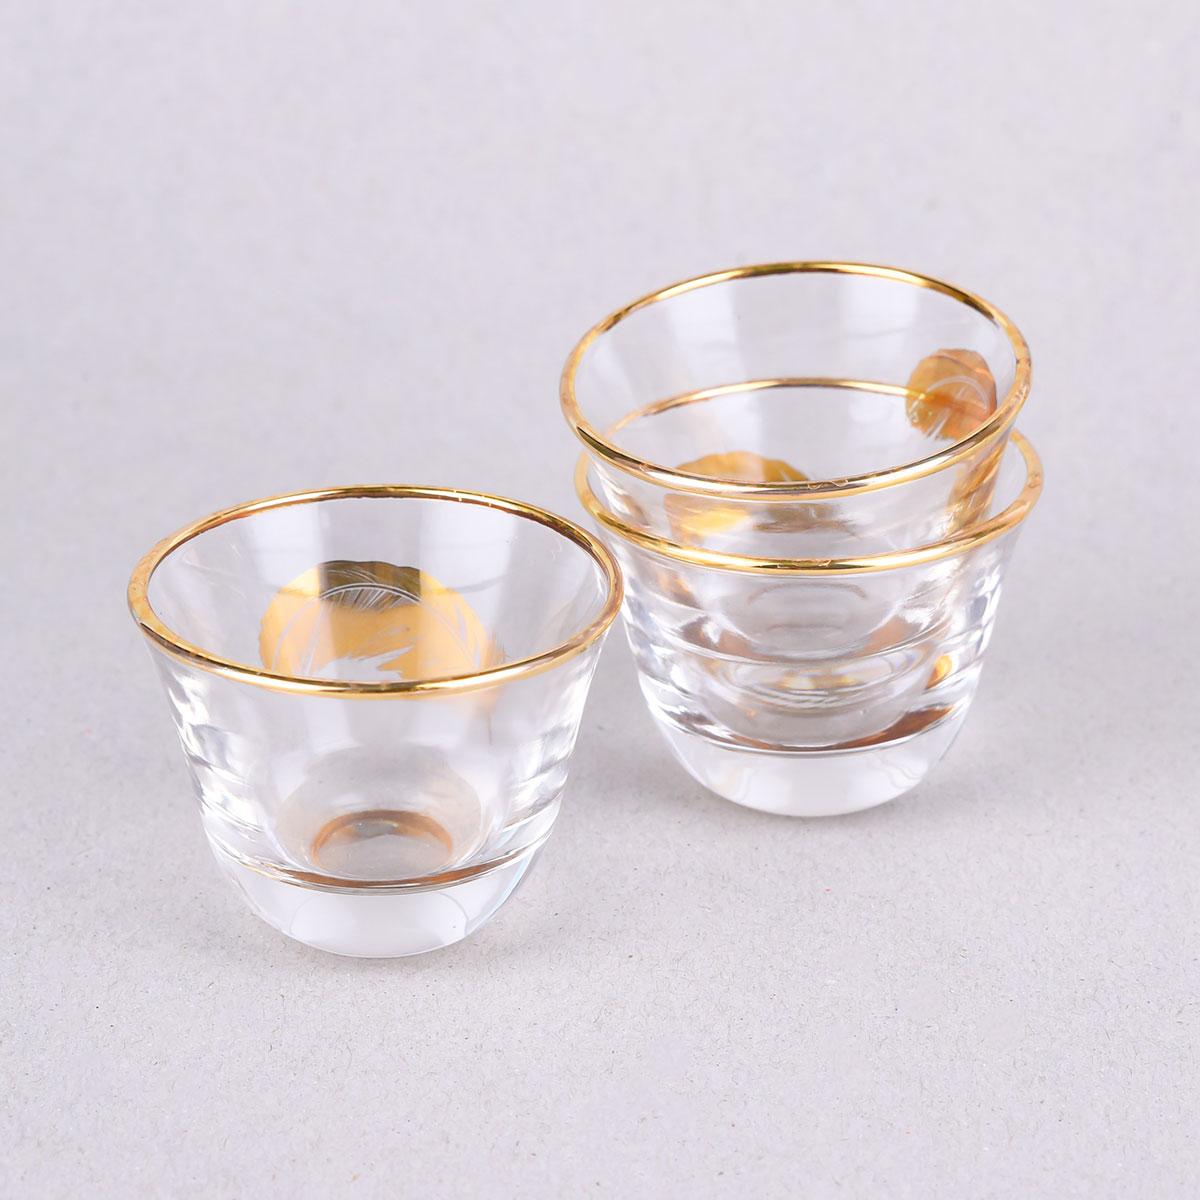 طقم فناجيل زجاج ، العليان 6 قطع ذهبي رقم YA-P-C-6G